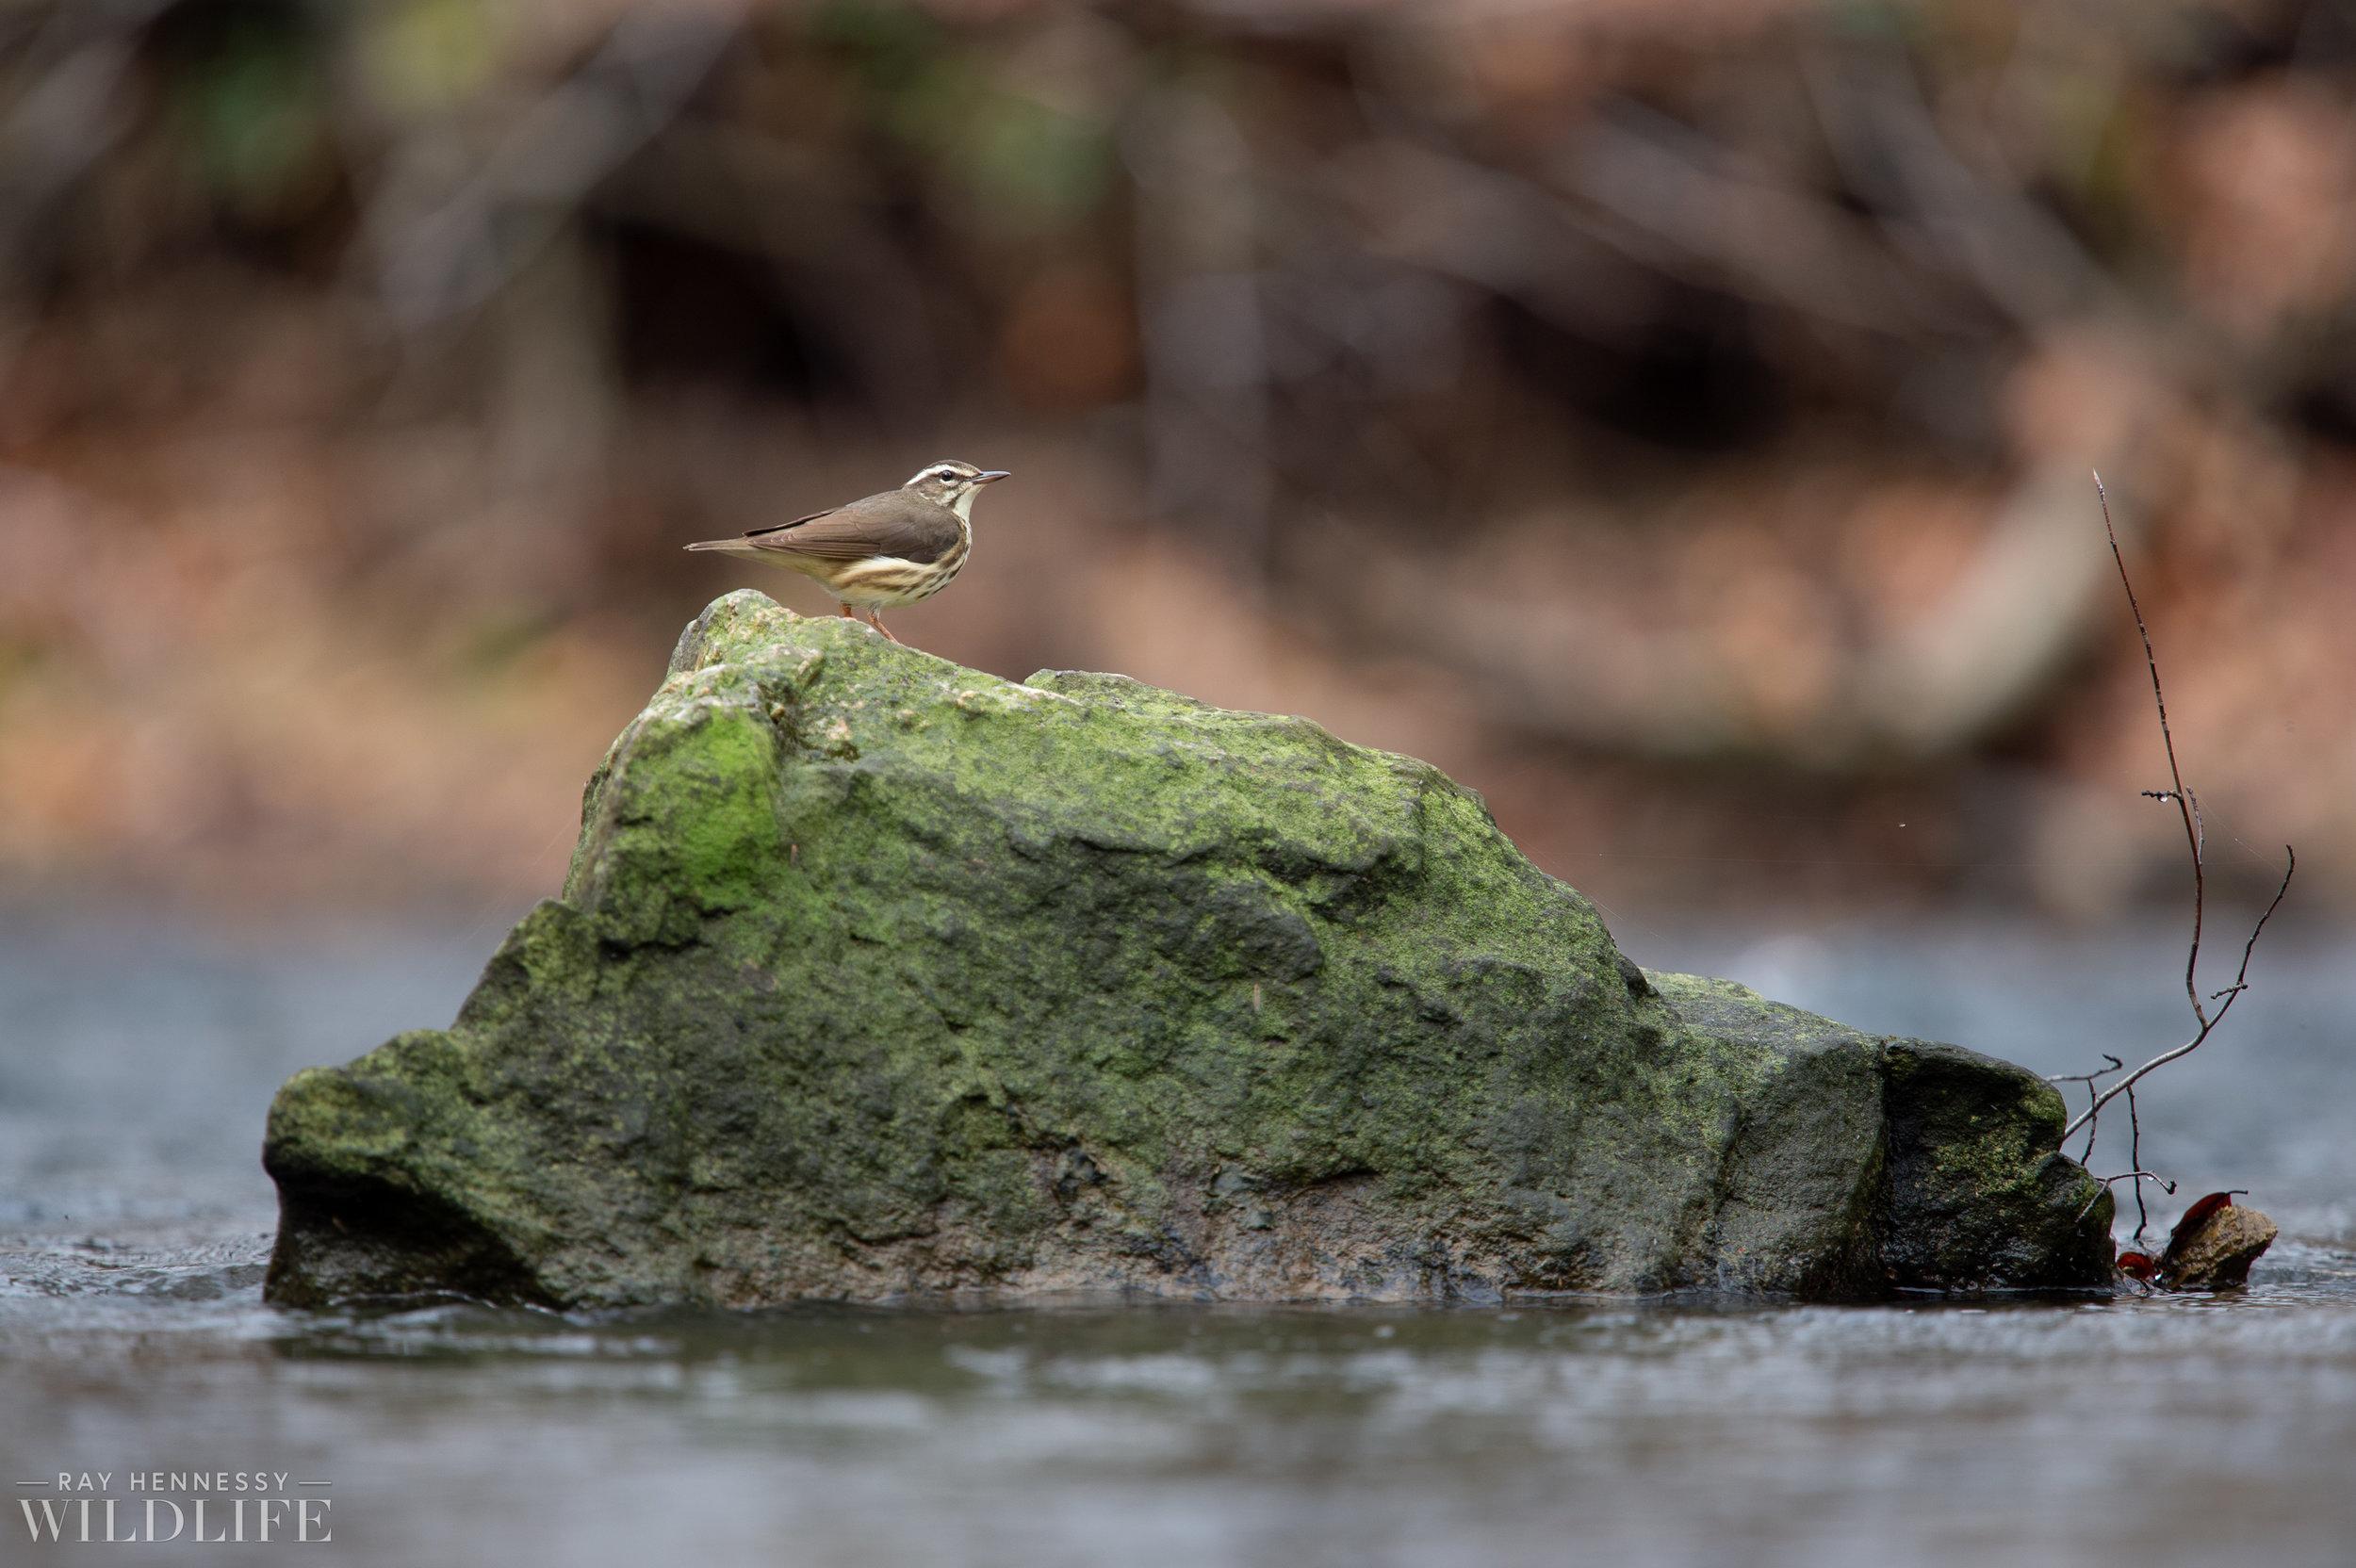 007_louisiana-waterthrush-pine-warbler.jpg